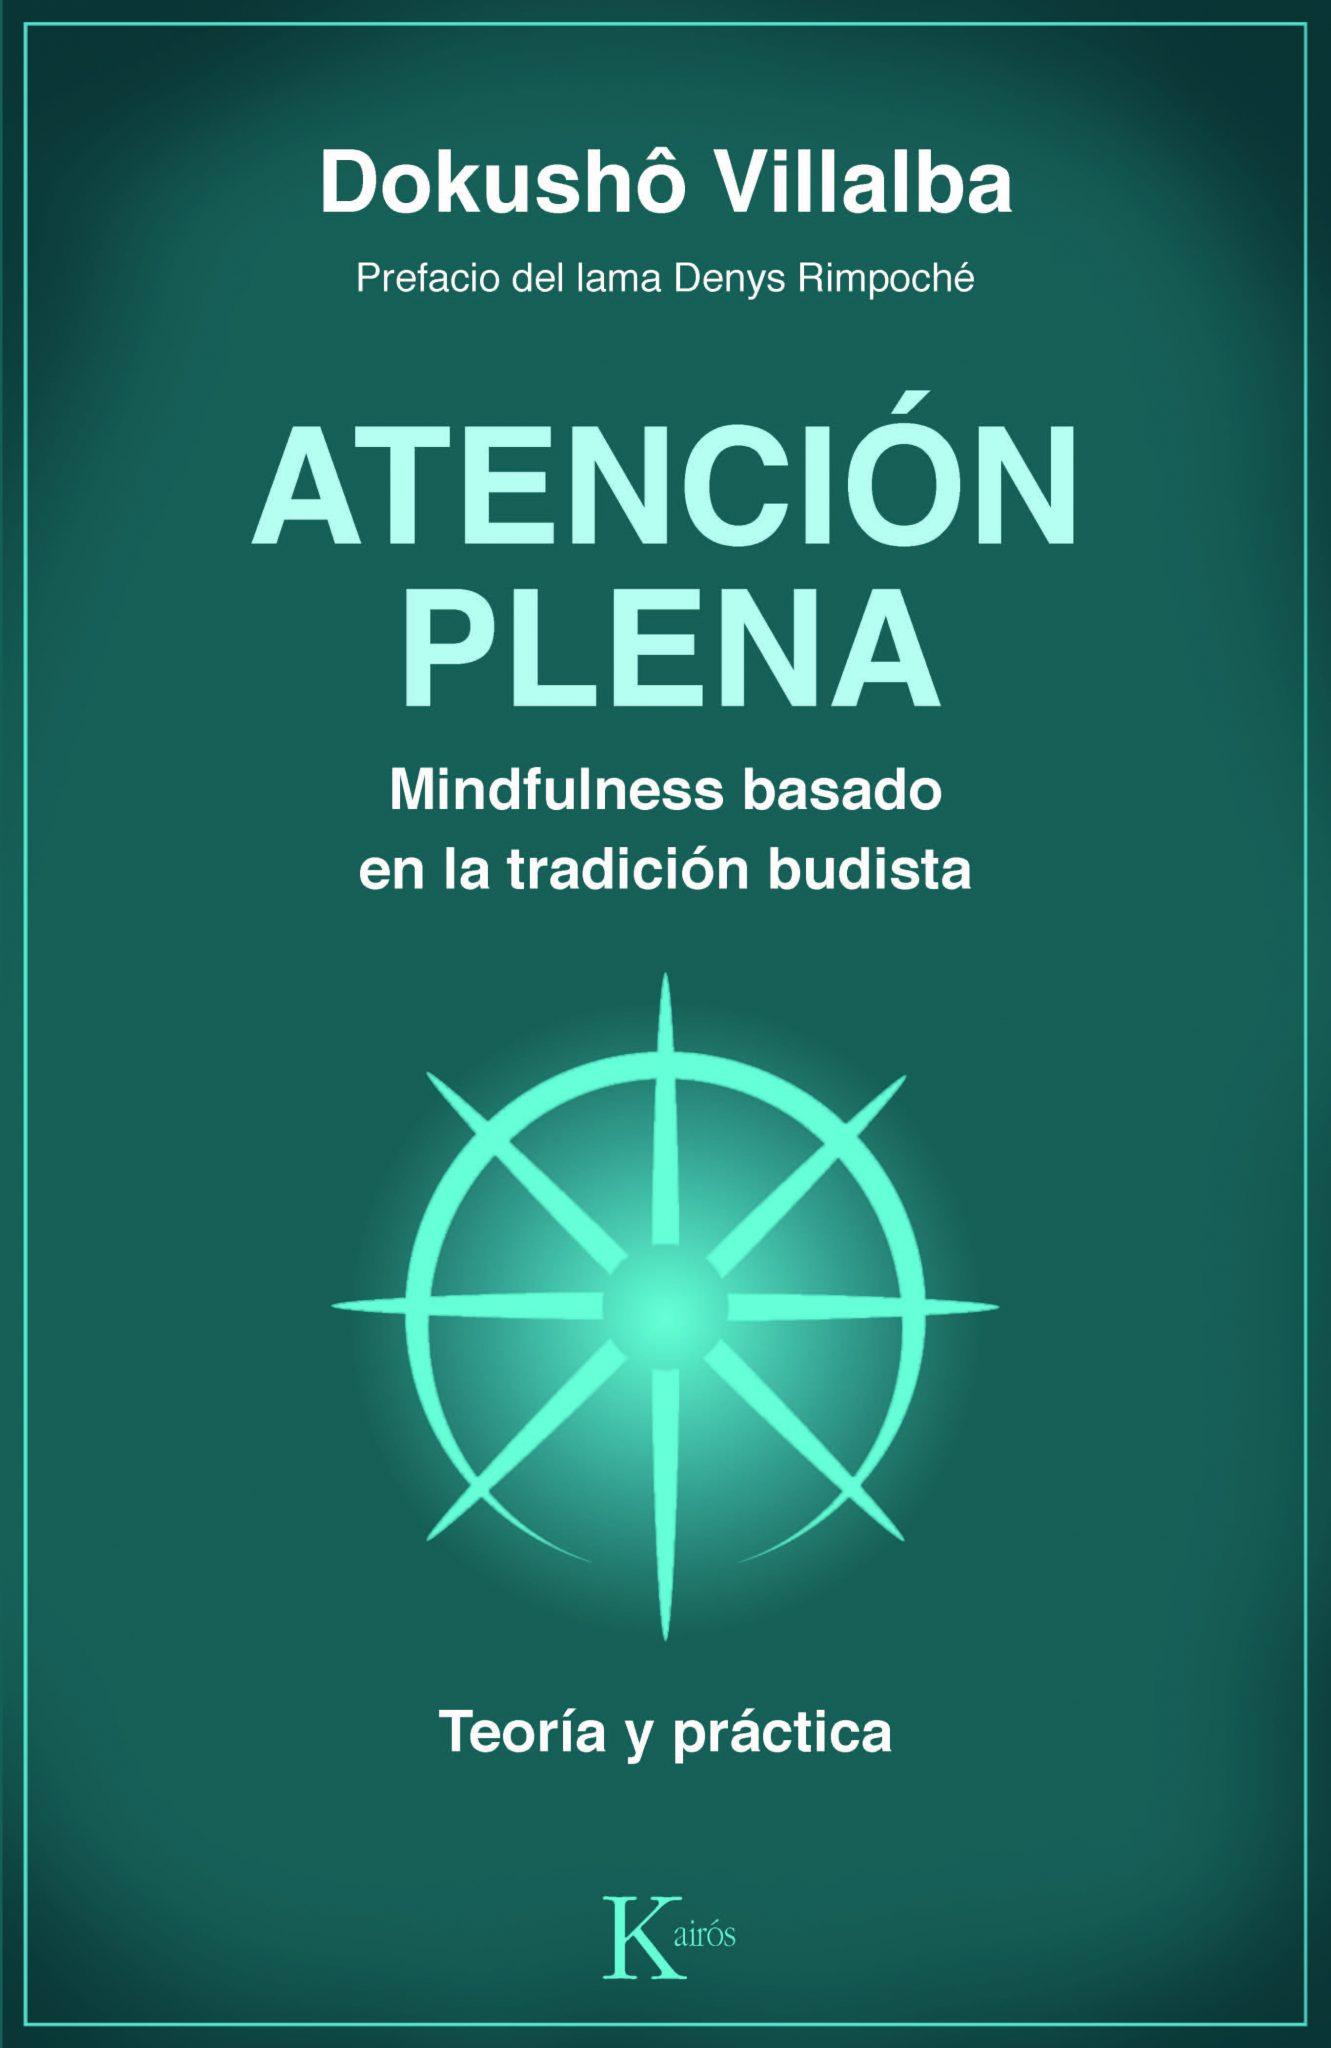 Nuevo libro sobre la Atención Plena